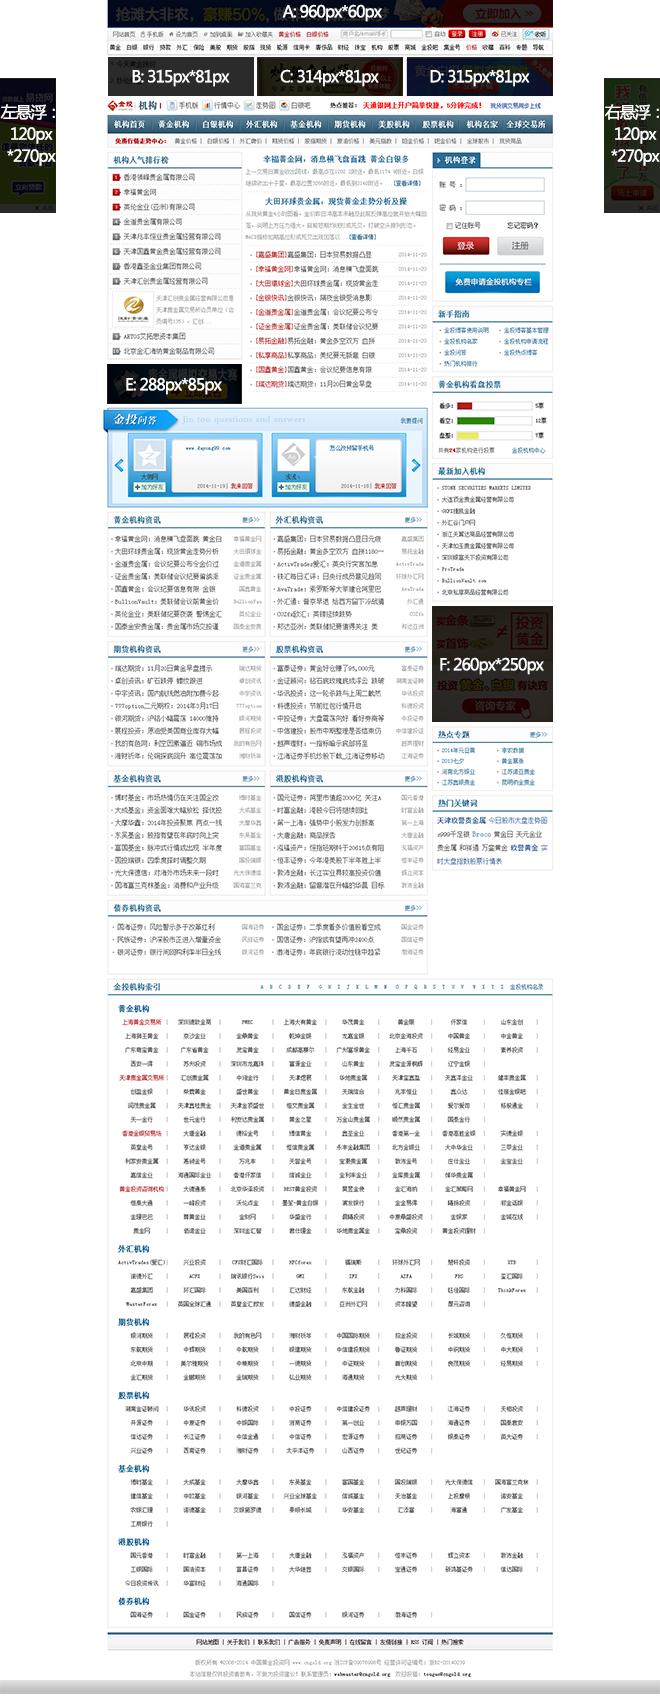 机构频道广告资源